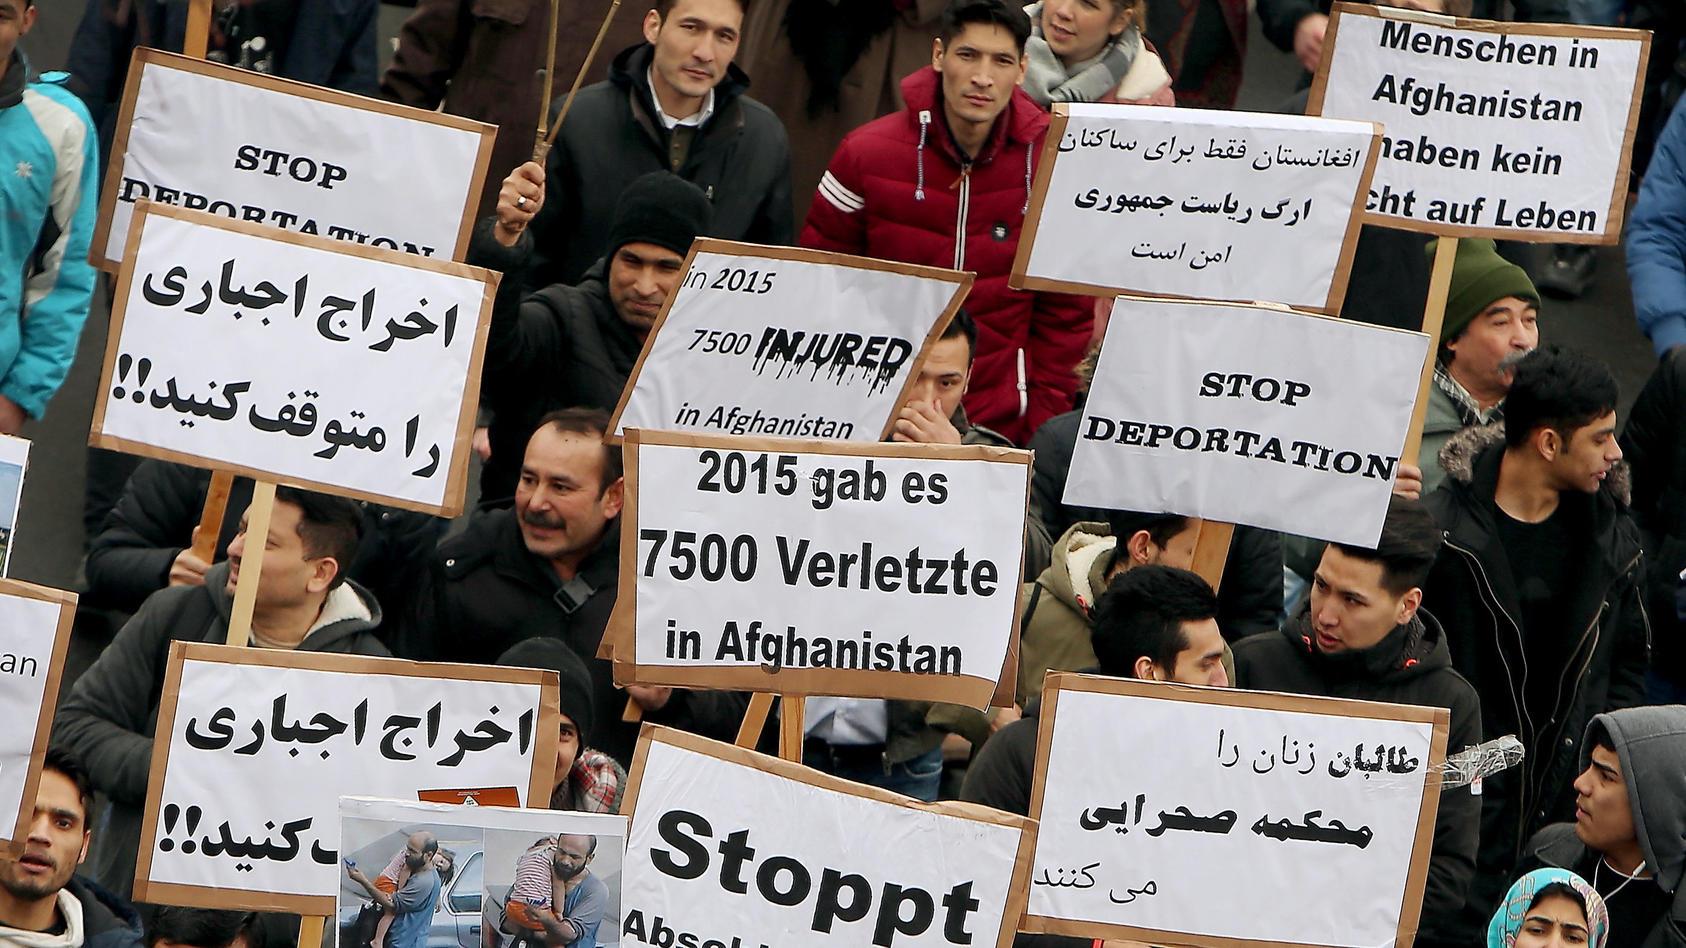 Etwa 120 Menschen protestierten am Flughafen Frankfurt/Main gegen die Abschiebung von 15 Menschen nach Afghanistan (Symbolbild).